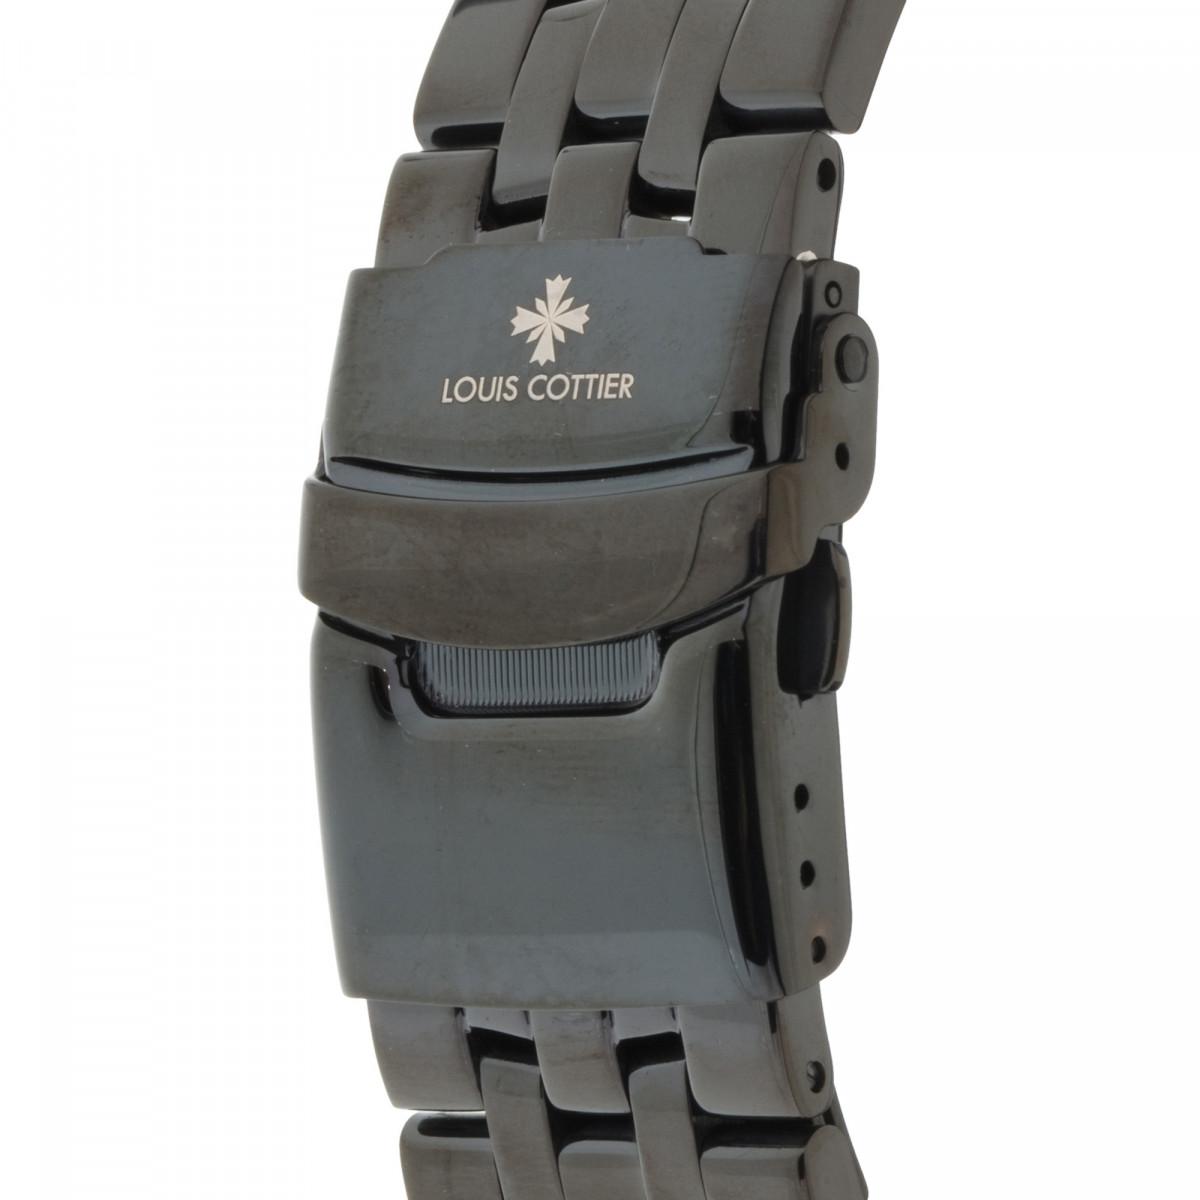 Montre Louis Cottier AIRFLY Automatique 44 mm Noir boitier noir - Bracelet noir - HB3231C1BM2